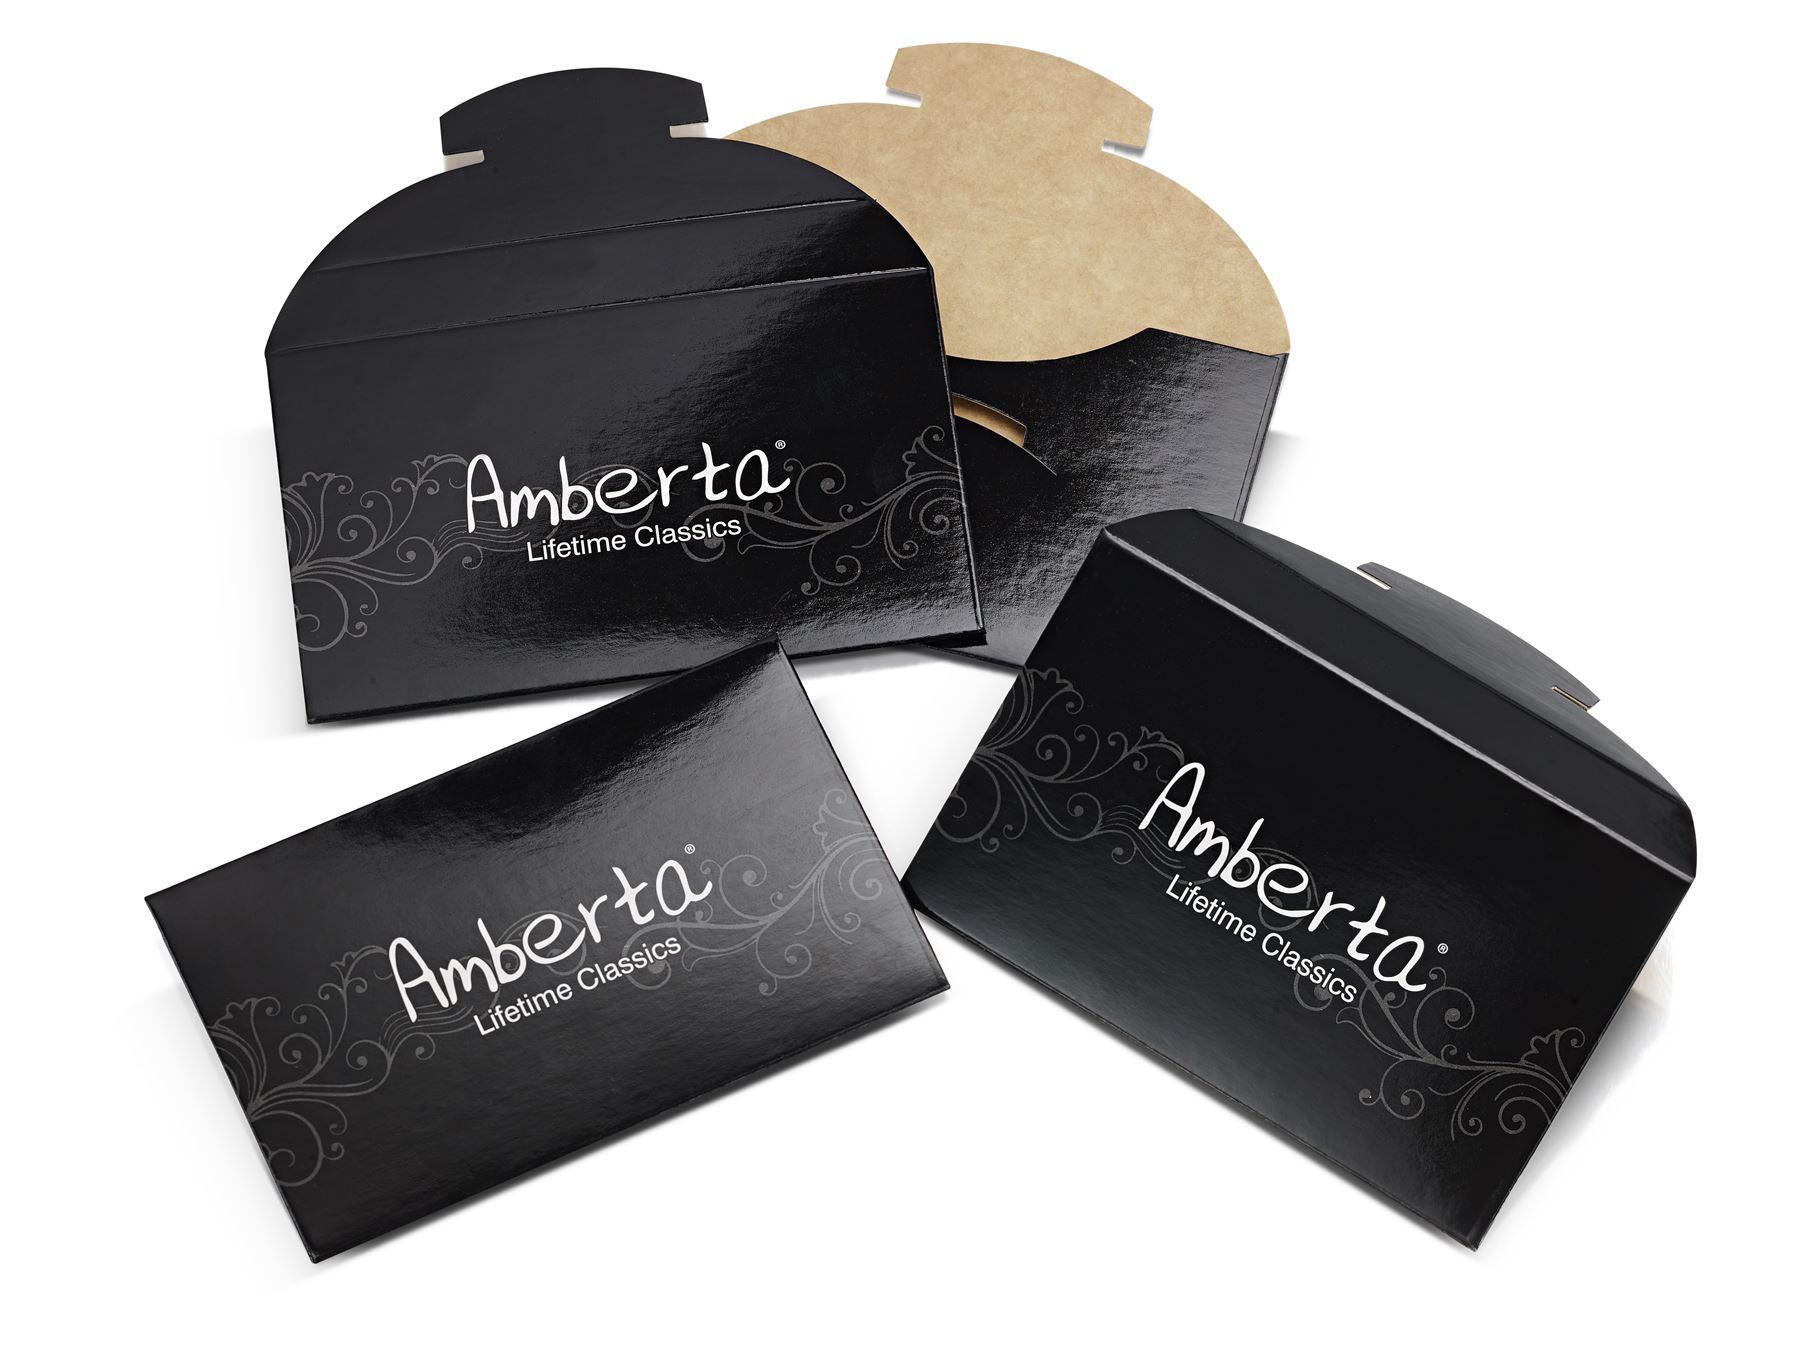 Amberta-Bijoux-Bracelet-en-Vrai-Argent-Sterling-925-Chaine-pour-Femme-a-la-Mode thumbnail 26